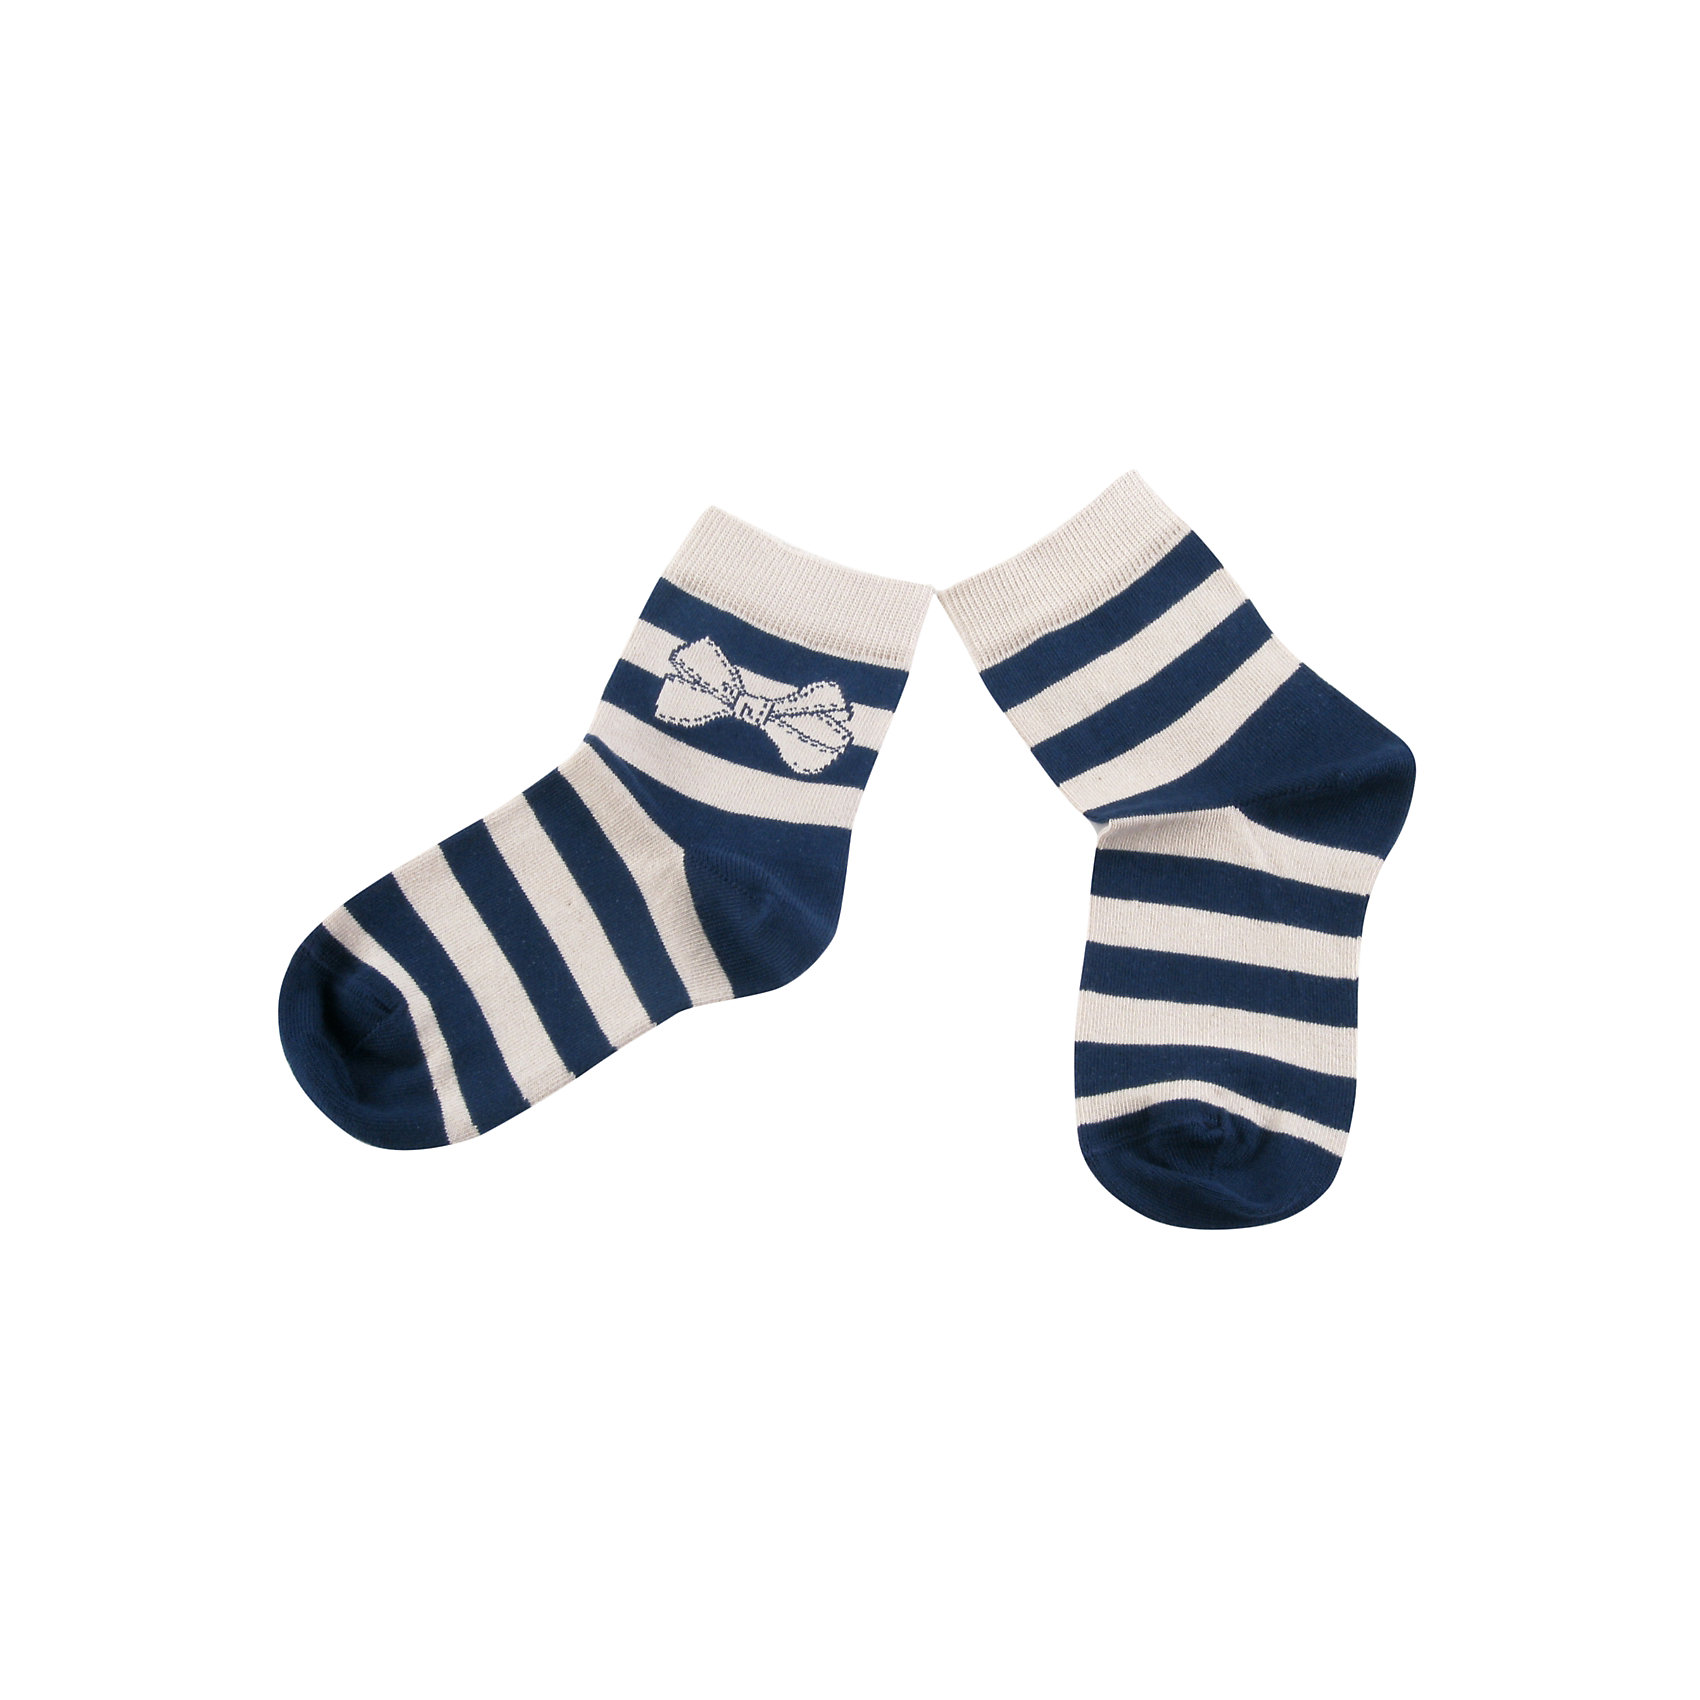 Носки для девочки WojcikНоски<br>Характеристики товара:<br><br>• цвет: белый<br>• состав ткани: 87% хлопок, 11% полиамид, 2% эластан <br>• сезон: круглый год<br>• страна бренда: Польша<br>• страна изготовитель: Польша<br><br>Эти трикотажные носки для девочки Wojcik не давят на ногу благодаря мягкой резинке. Детские носки декорированы оригинальным узором. Такие носки для детей - мягкие и комфортные. Одежда для детей из Польши от бренда Wojcik отличается хорошим качеством и стилем. <br><br>Носки для девочки Wojcik (Войчик) можно купить в нашем интернет-магазине.<br><br>Ширина мм: 87<br>Глубина мм: 10<br>Высота мм: 105<br>Вес г: 115<br>Цвет: бежевый с синевой<br>Возраст от месяцев: 12<br>Возраст до месяцев: 18<br>Пол: Женский<br>Возраст: Детский<br>Размер: 21/22,15/16,17/18,19/20<br>SKU: 5591086